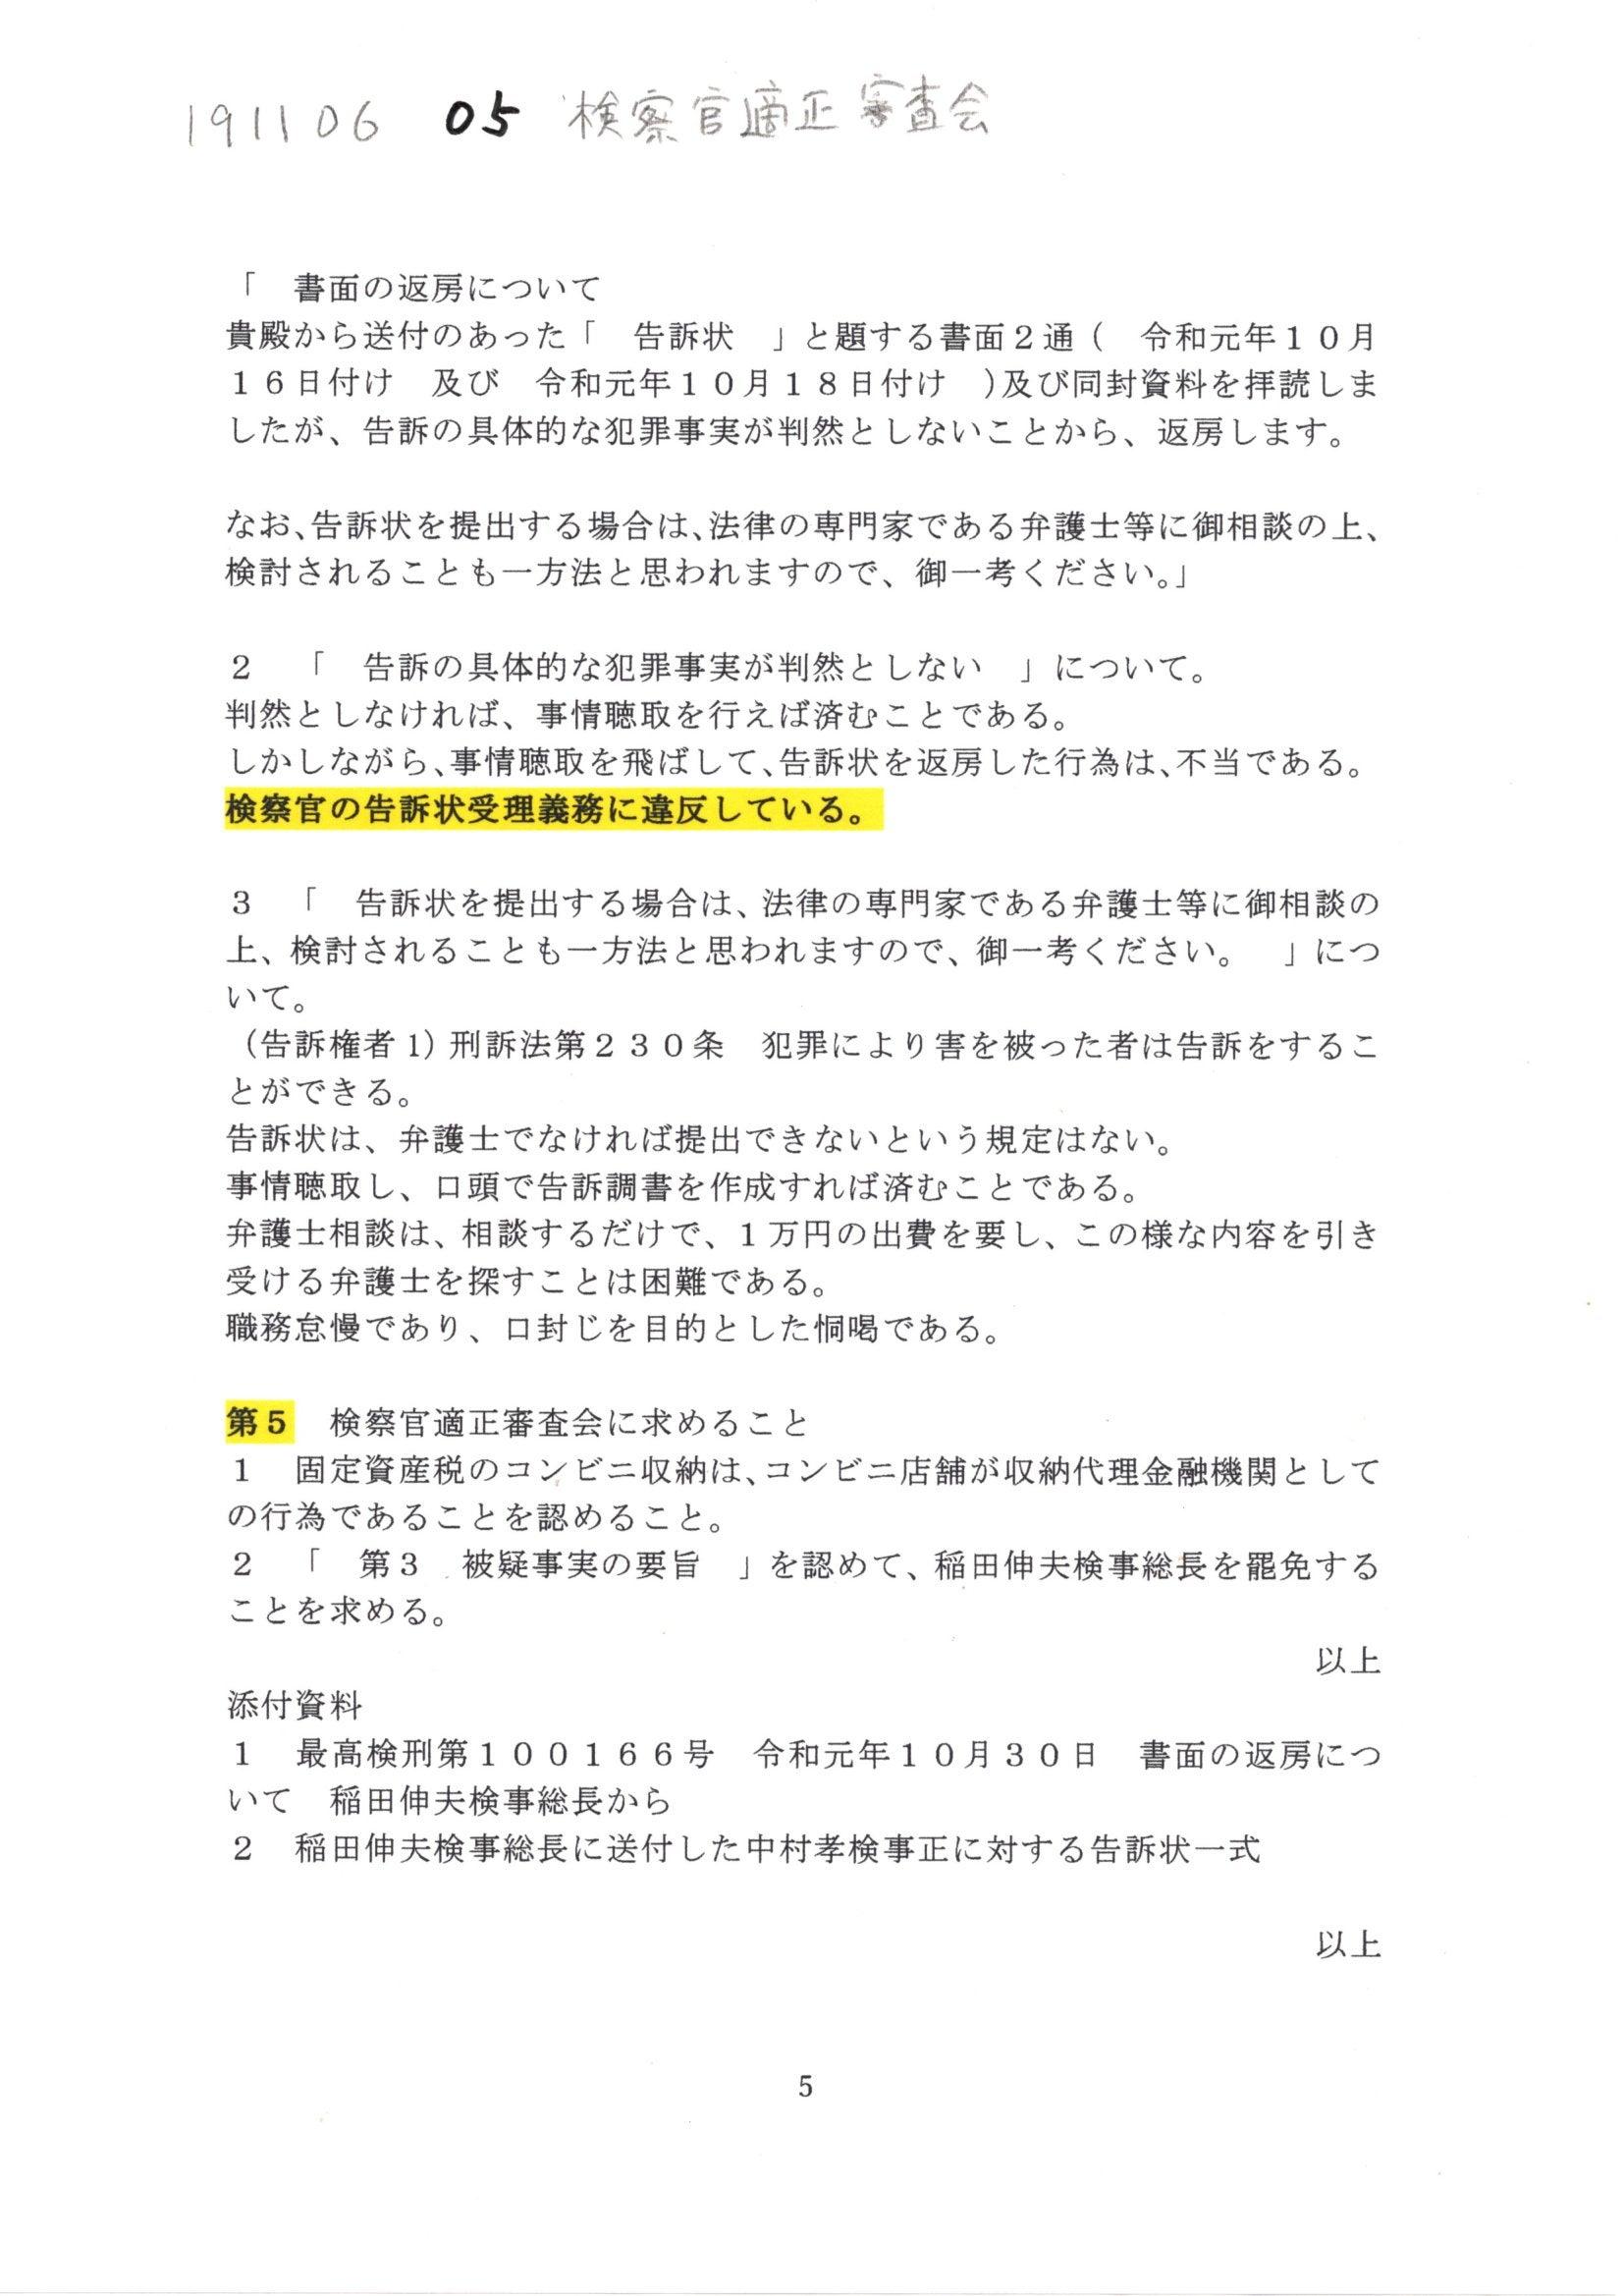 検察 官 適格 審査 会 検察審査会 - Wikipedia